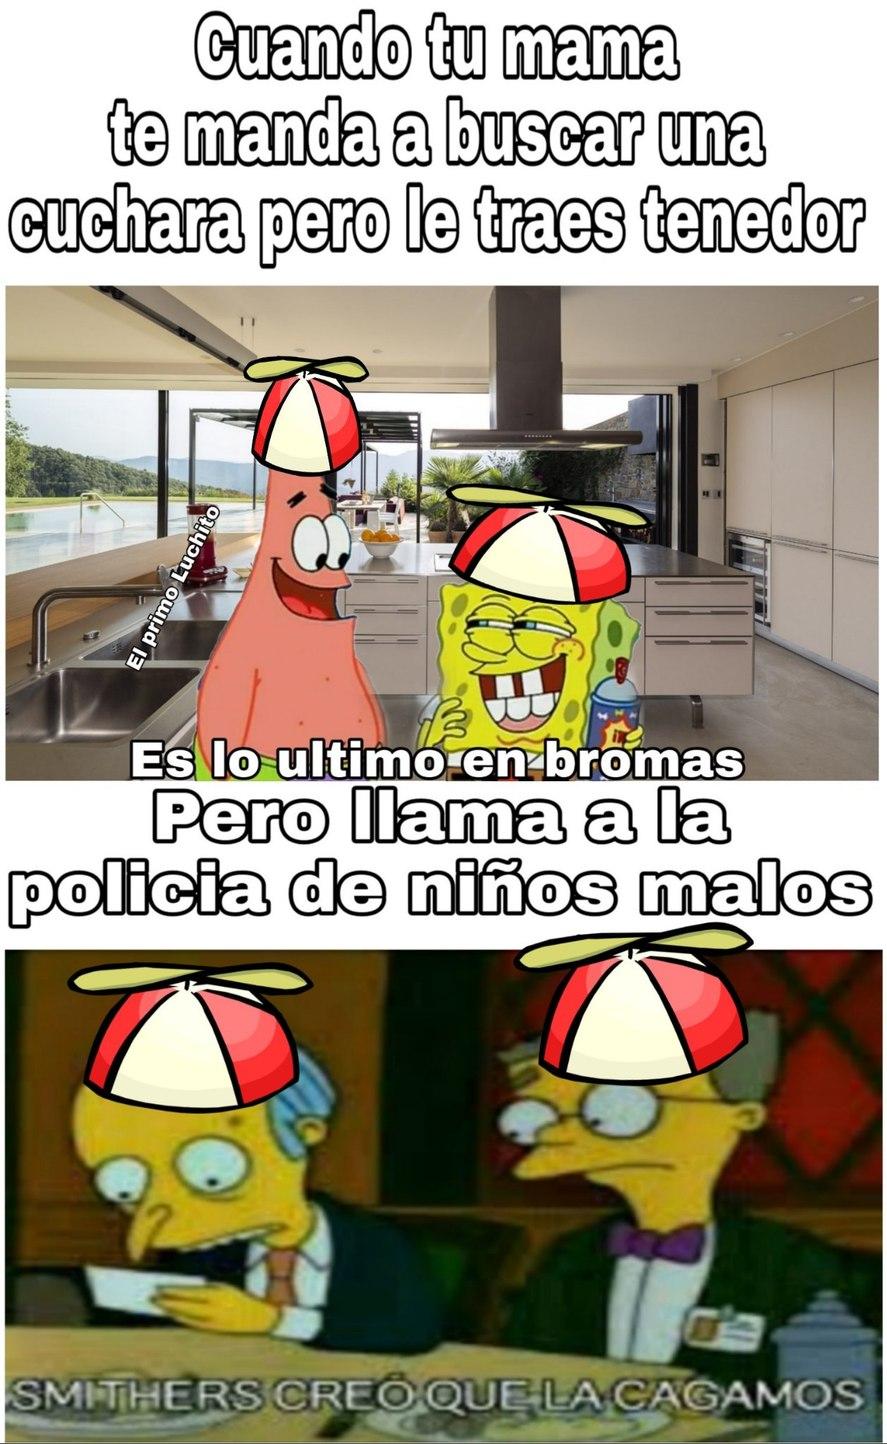 Cabrochicos malulos - meme